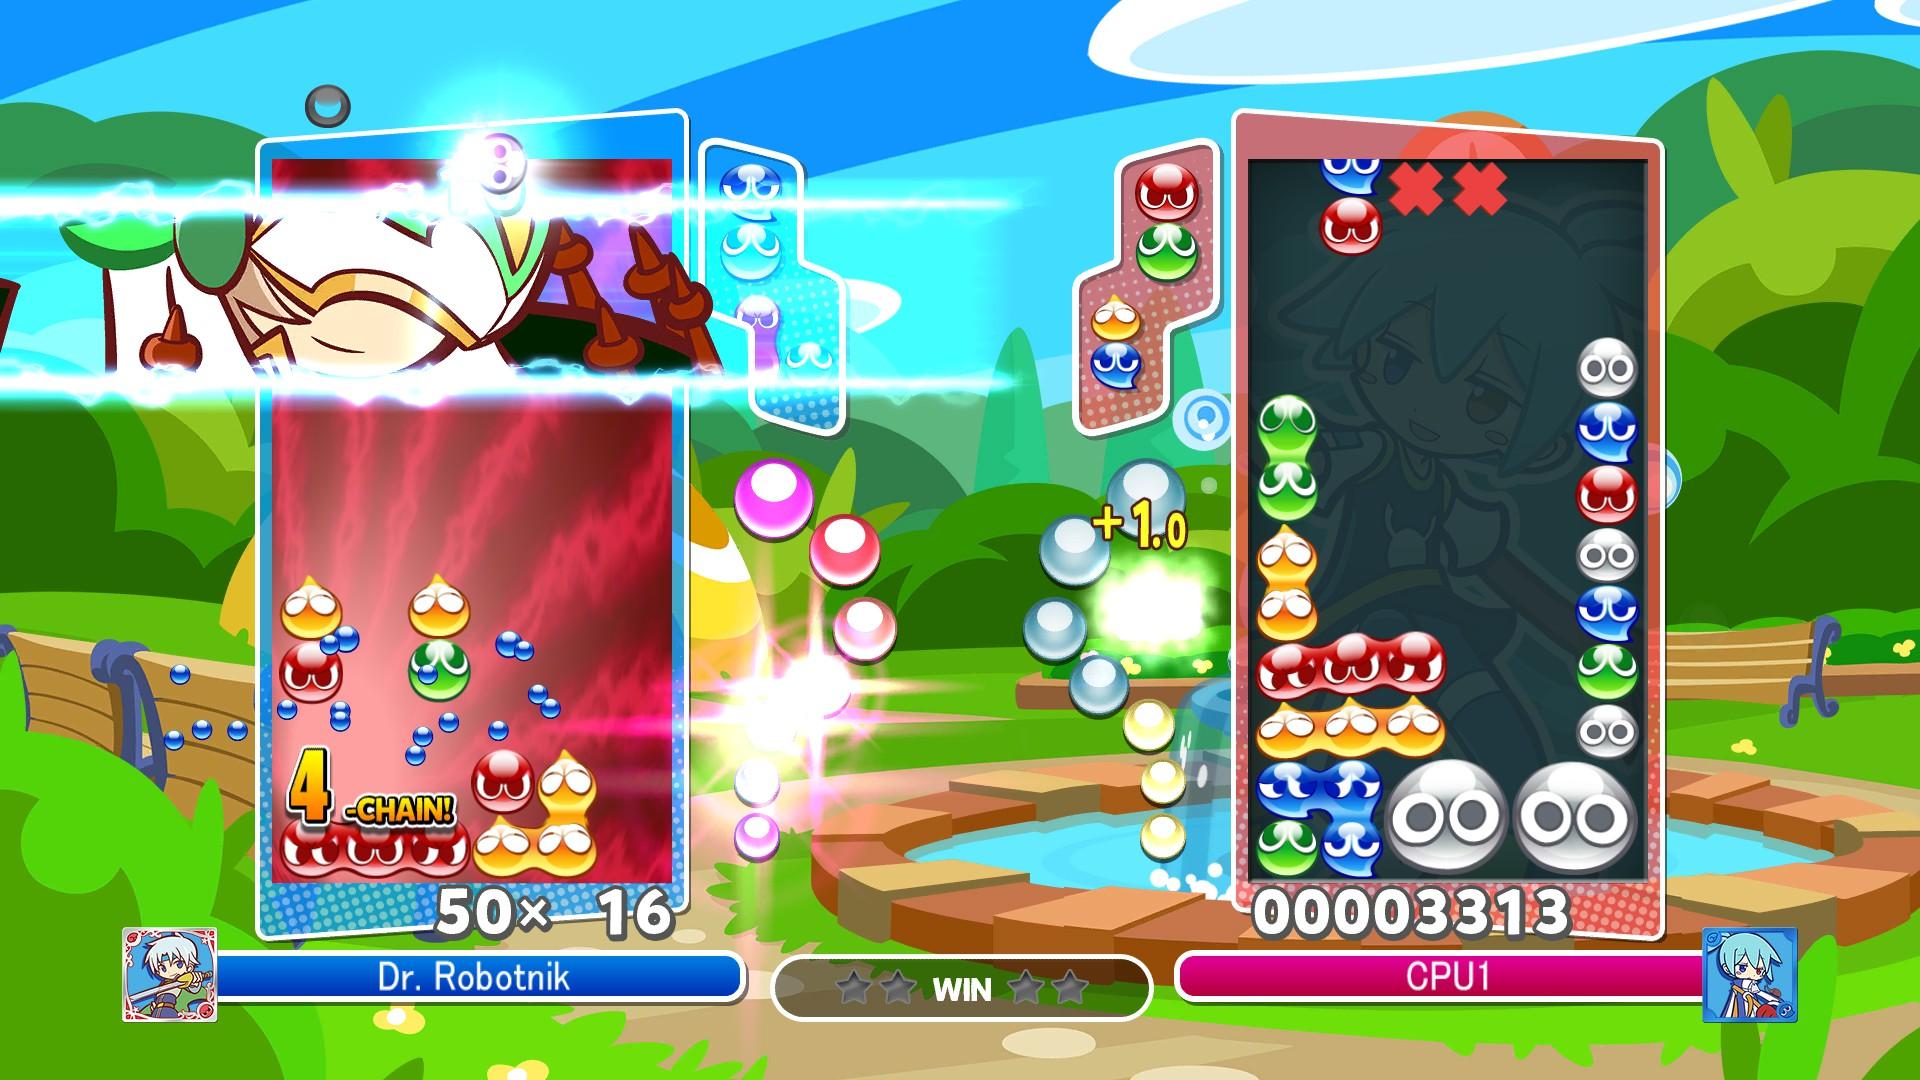 puyo-puyo-champions-convoca-a-todos-los-competidores-el-proximo-7-de-mayo-frikigamers.com.jpg